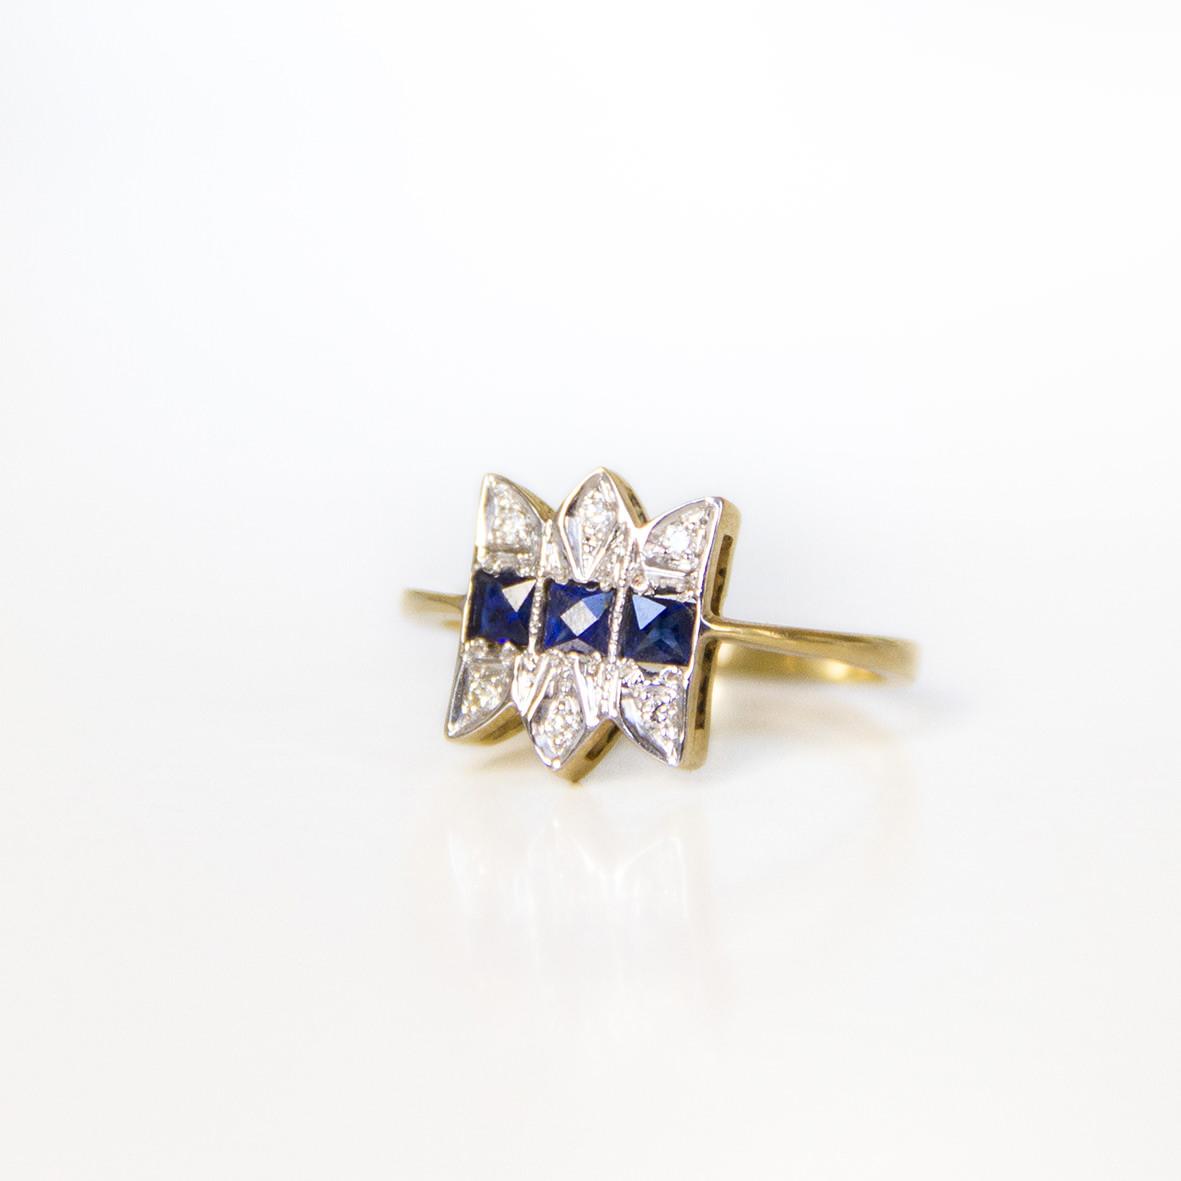 Crowndiamondringpinterest_3OONA